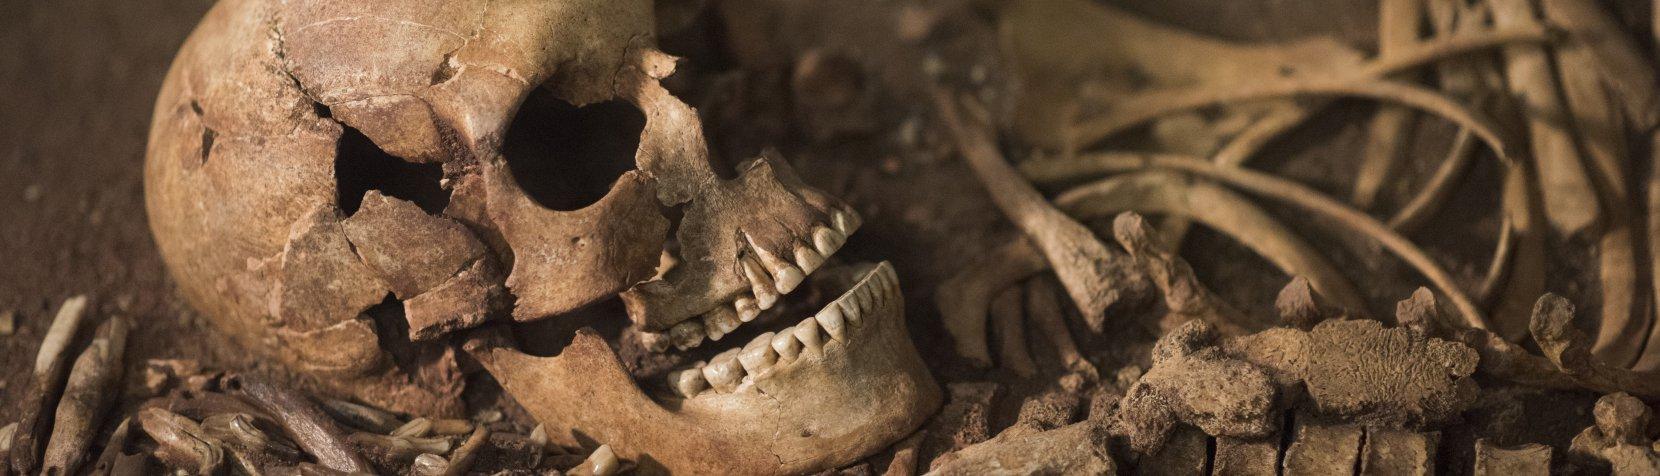 Vedbækfundene - knogler